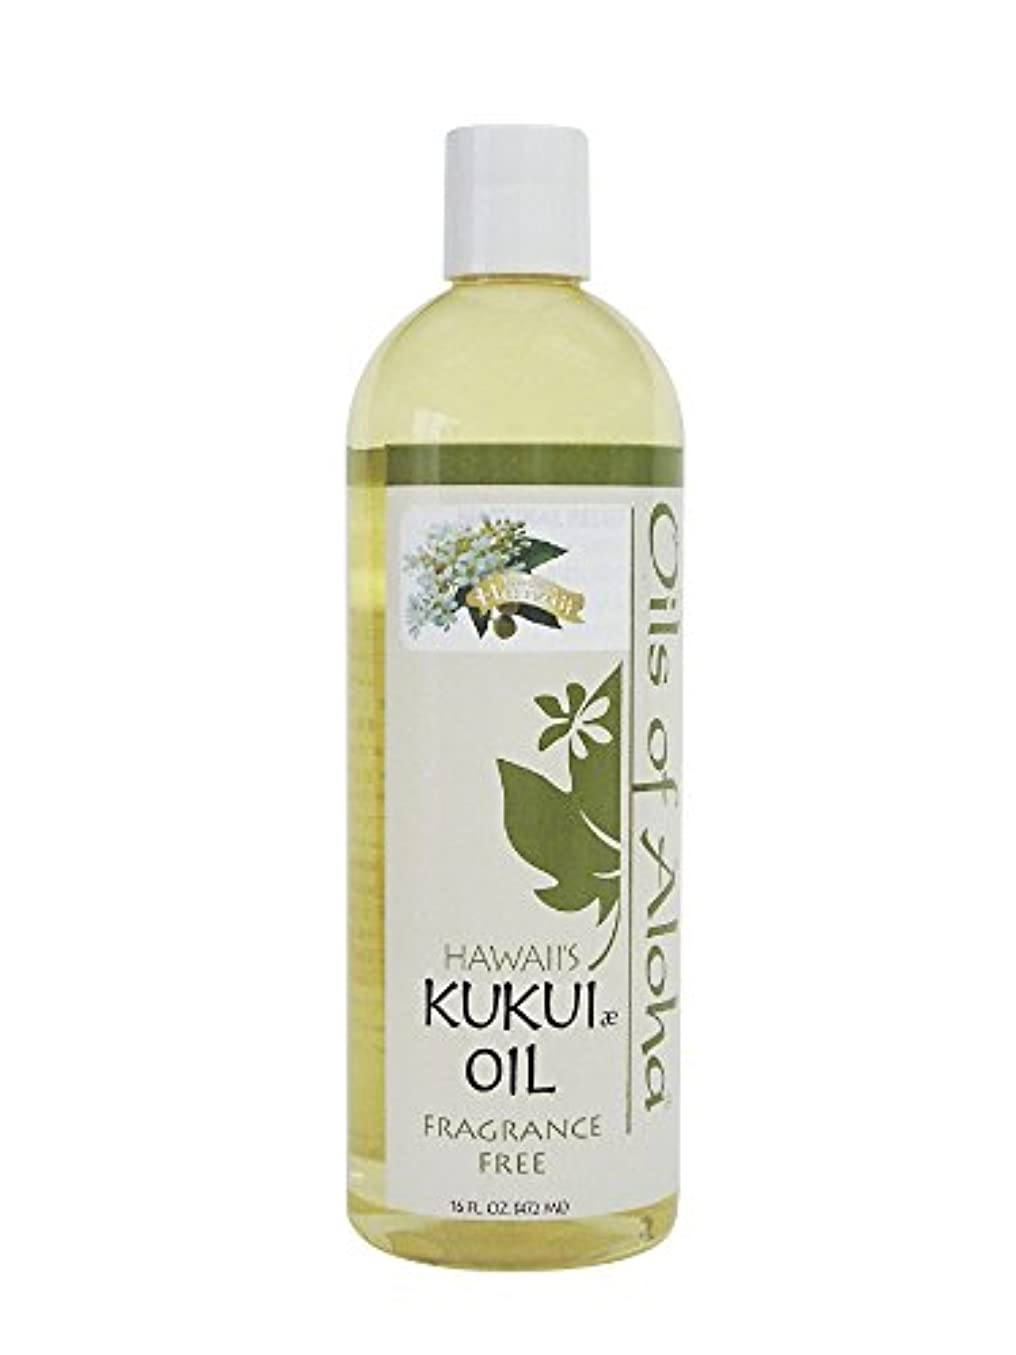 ヒューズウィスキー病んでいるKukui Skin Oil Fragrance Free/無香料/472ml/16oz